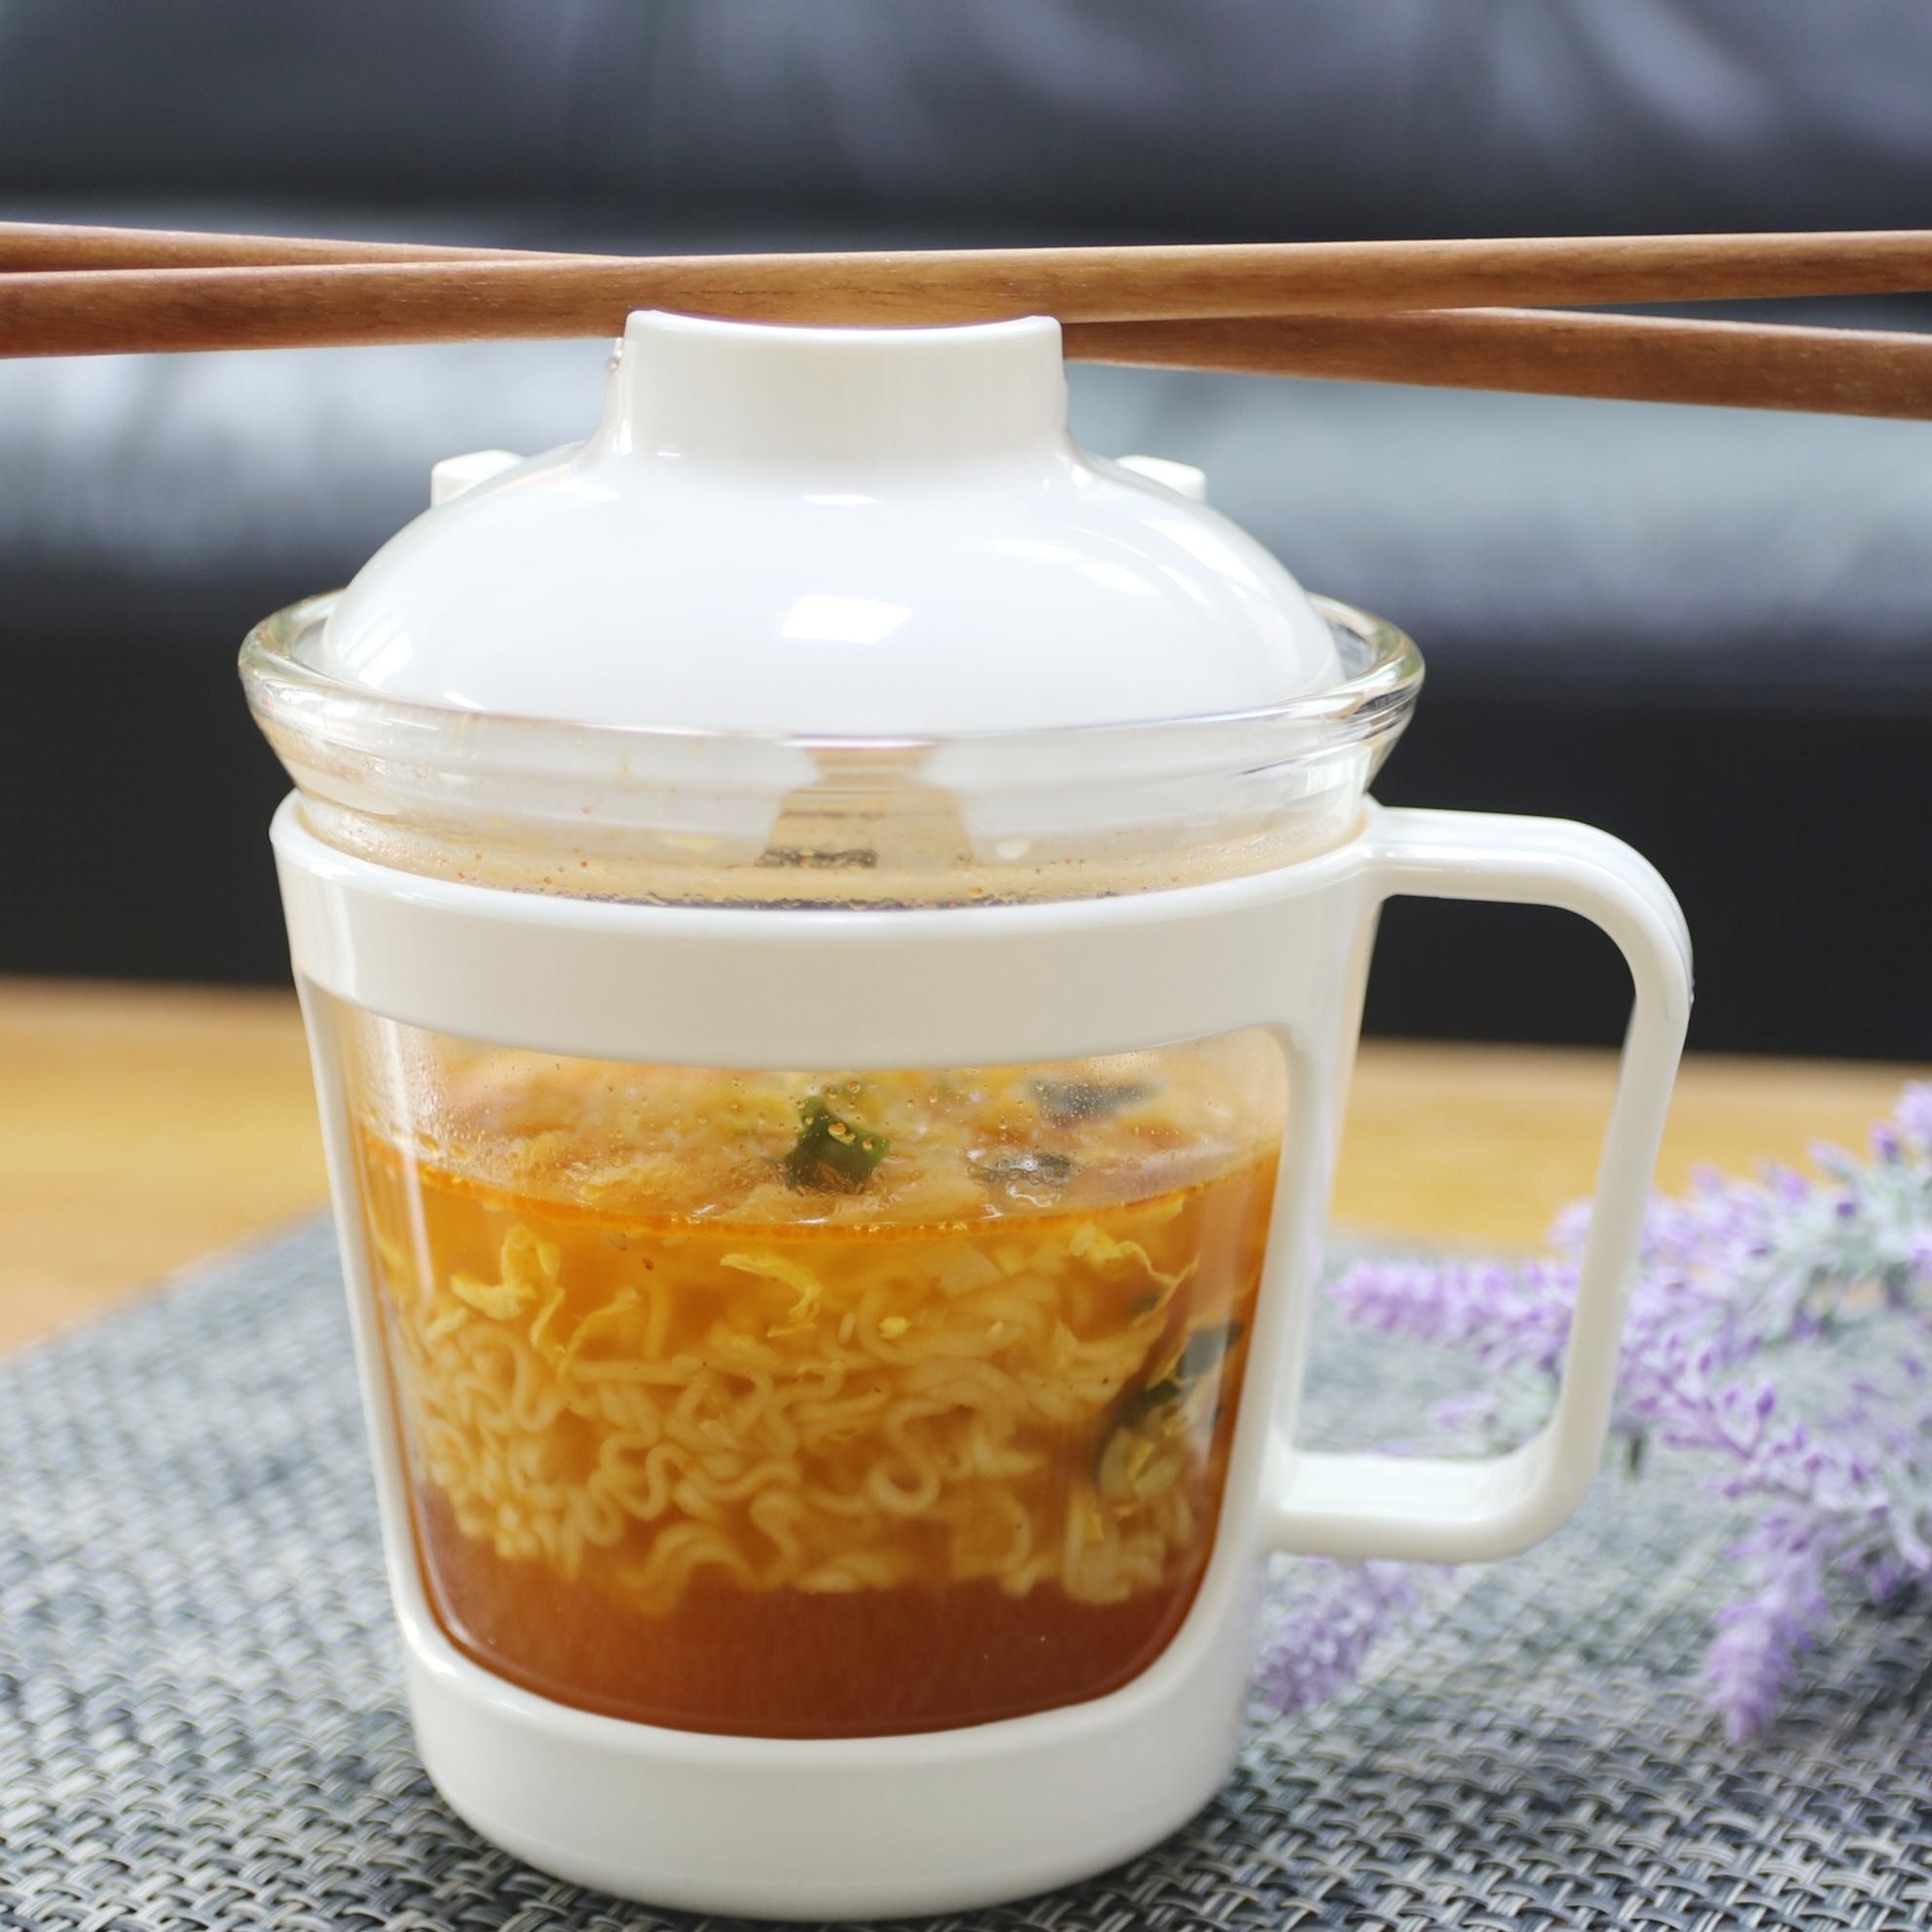 락앤락 간편식 전용용기로 컵라면 더 맛있게 먹기